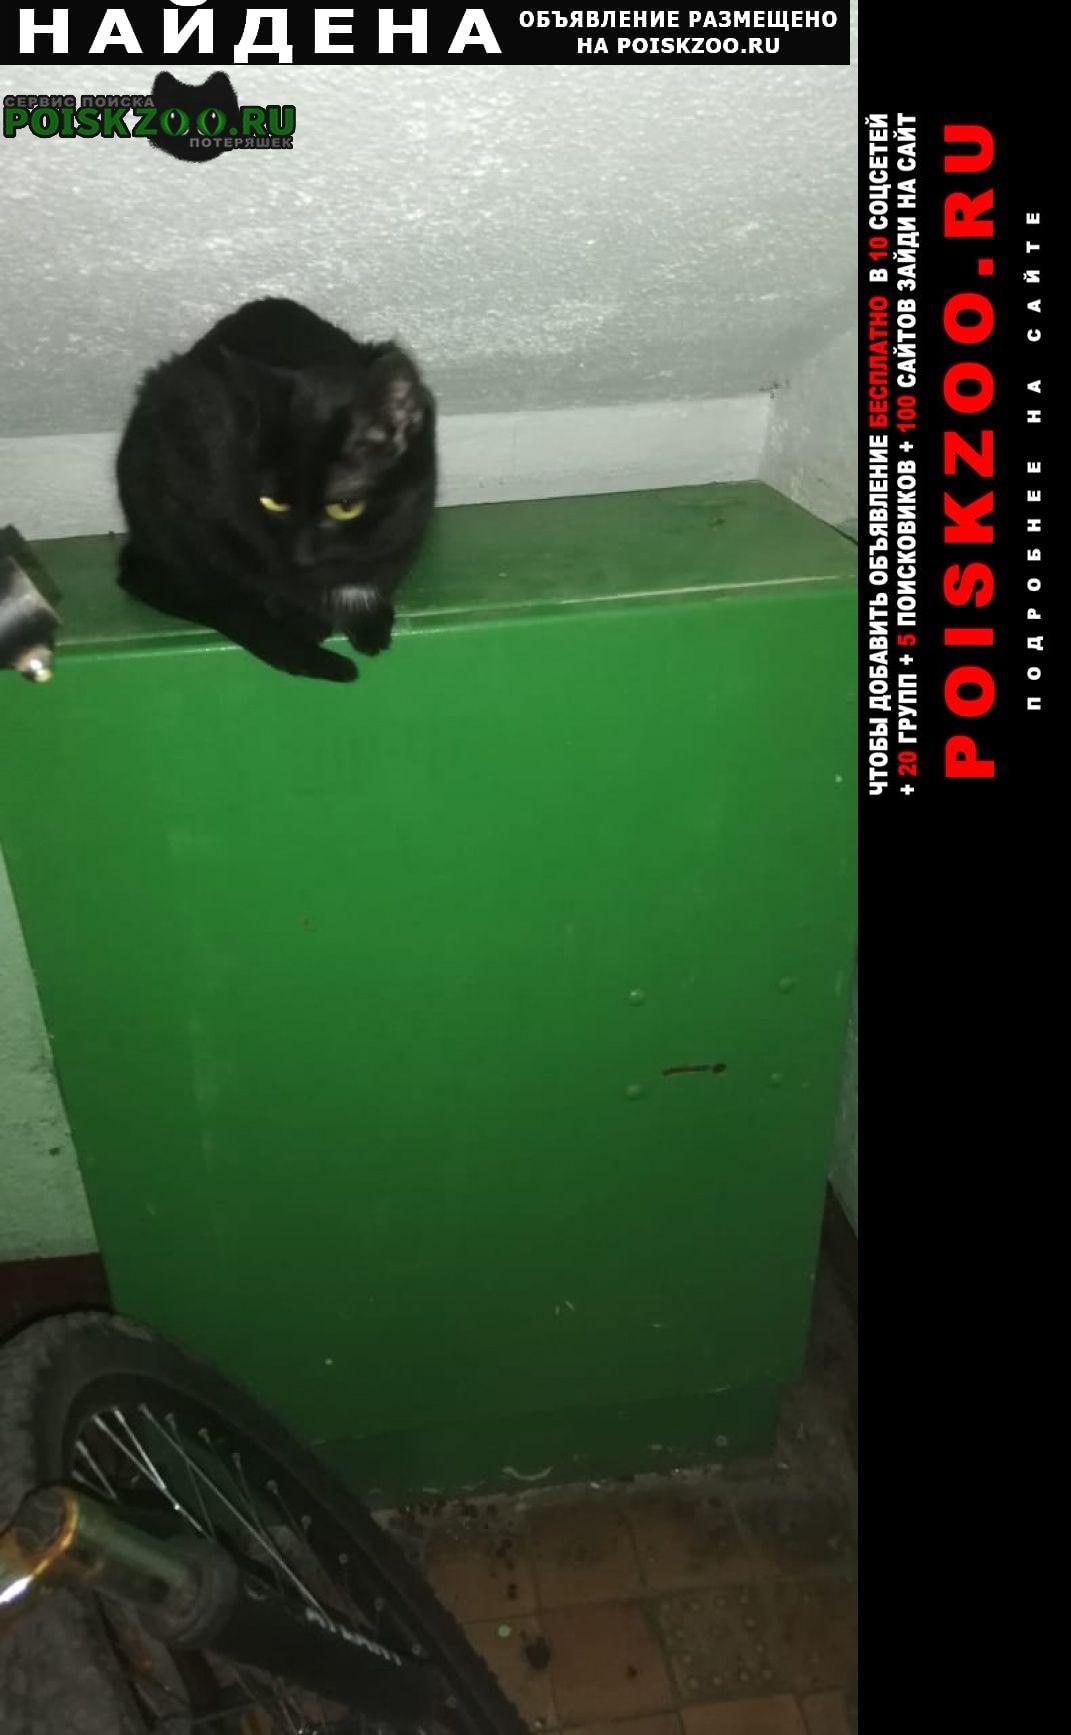 Найдена кошка (а) кот/ Мытищи